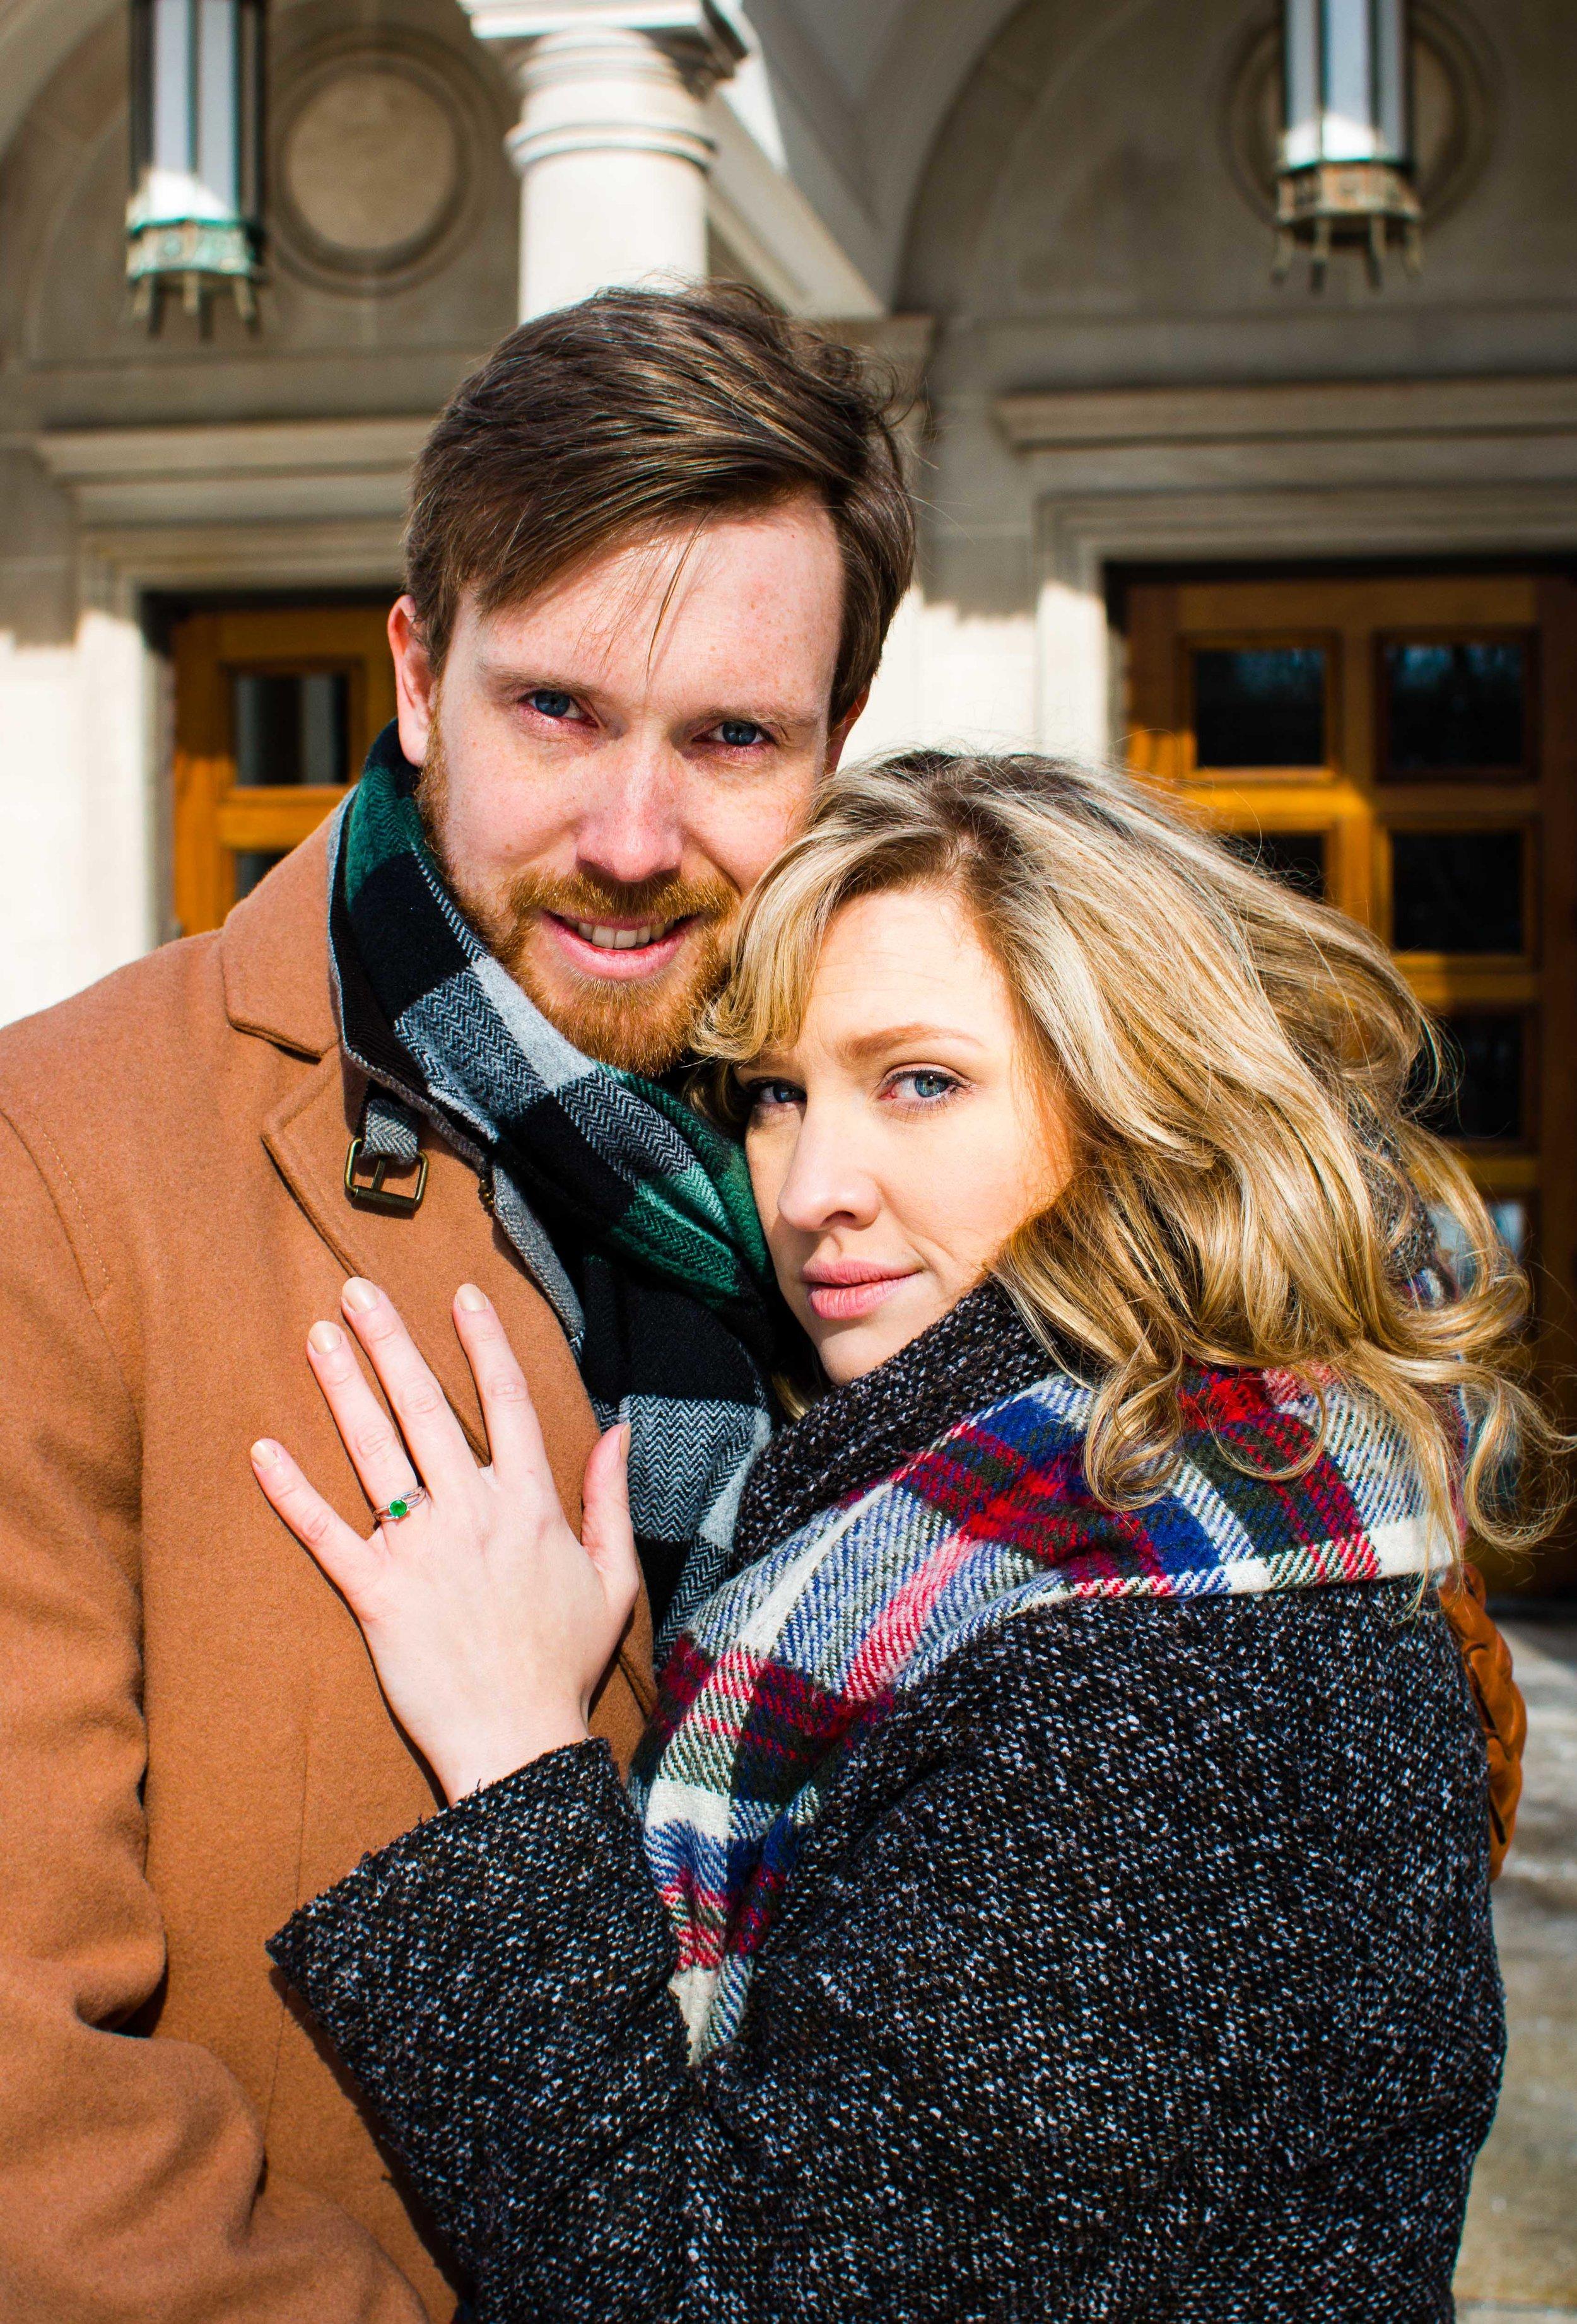 Tara & Ben_Engagement_020219_low res-76.jpg